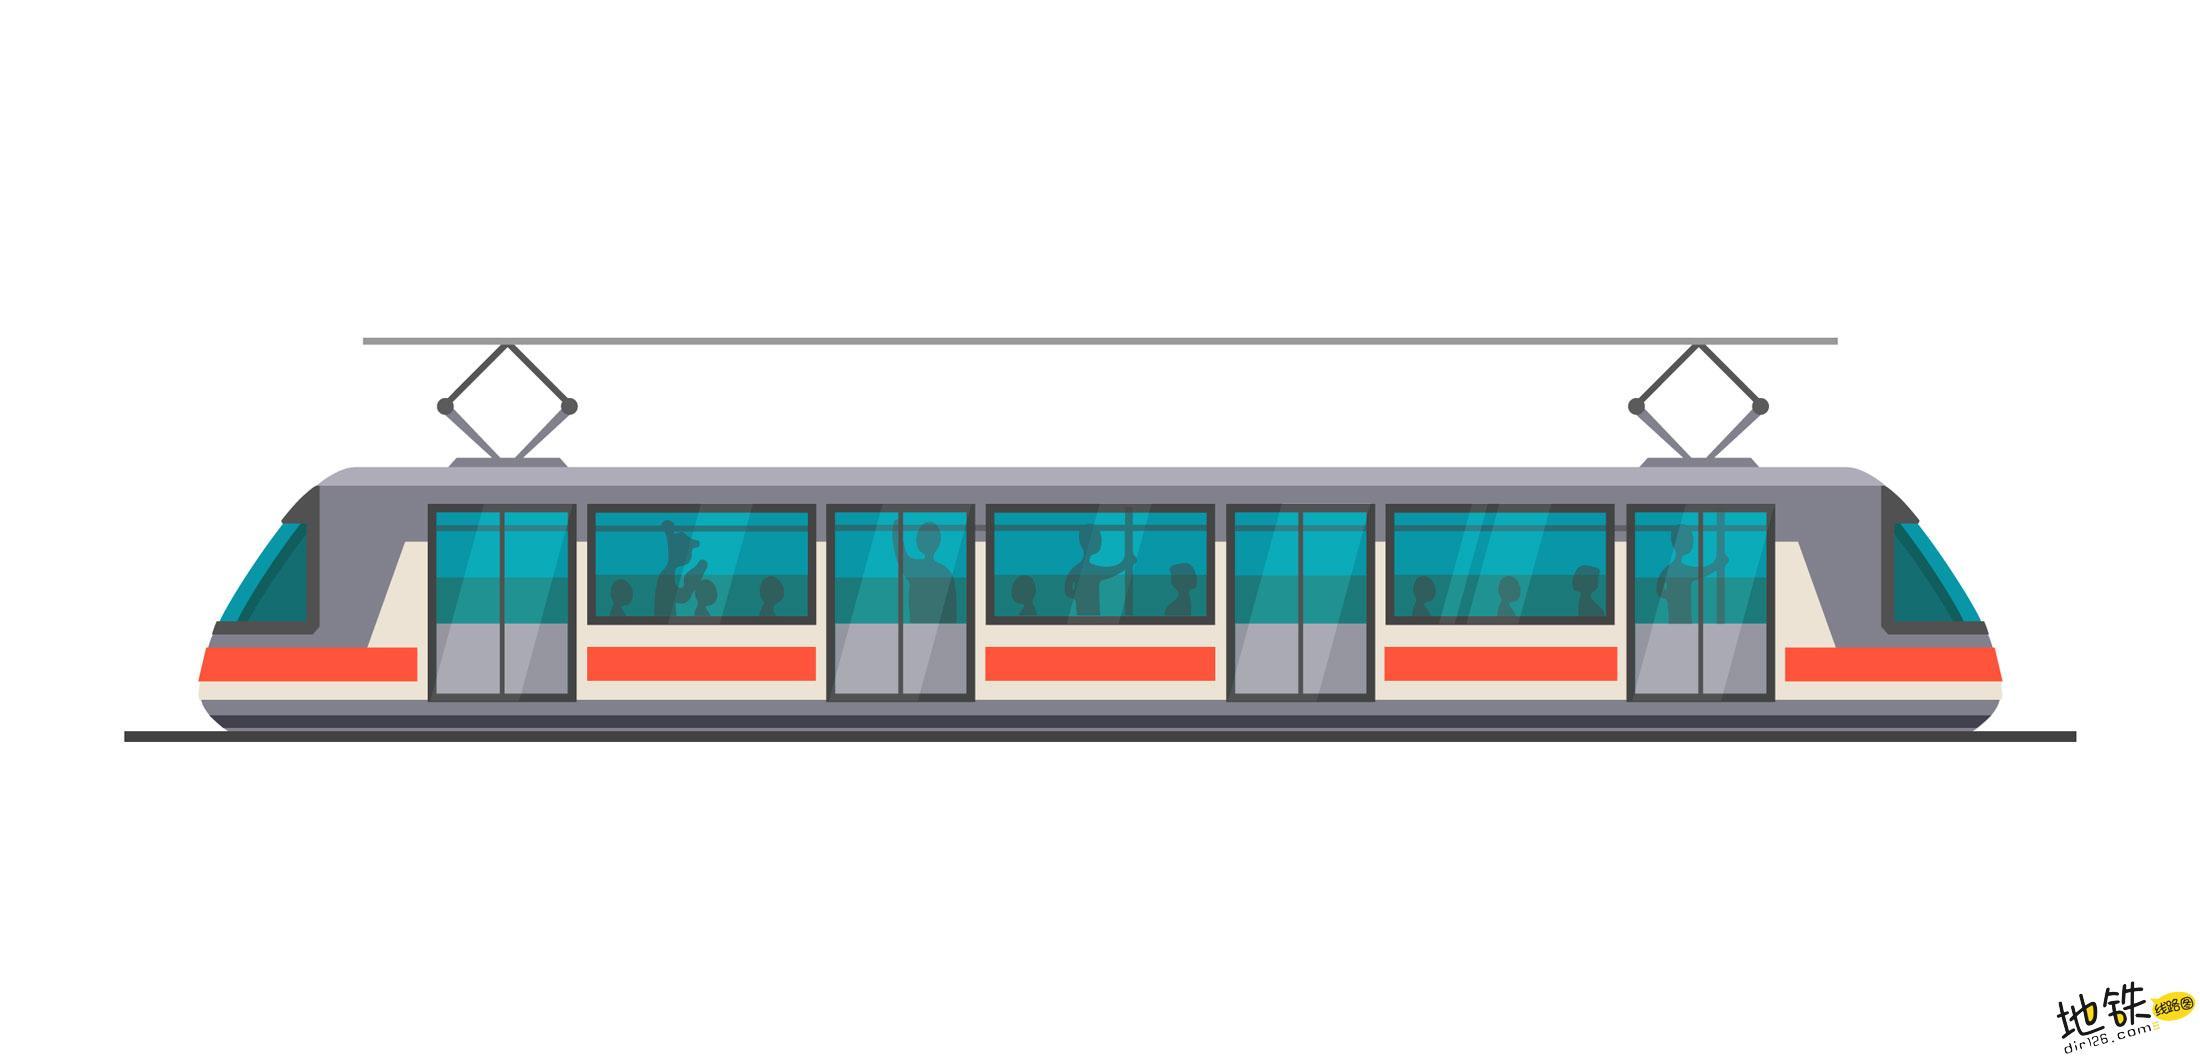 确认过眼神,你是不是最会坐地铁的人 候车 座位 车厢 坐地铁 地铁 轨道知识  第1张